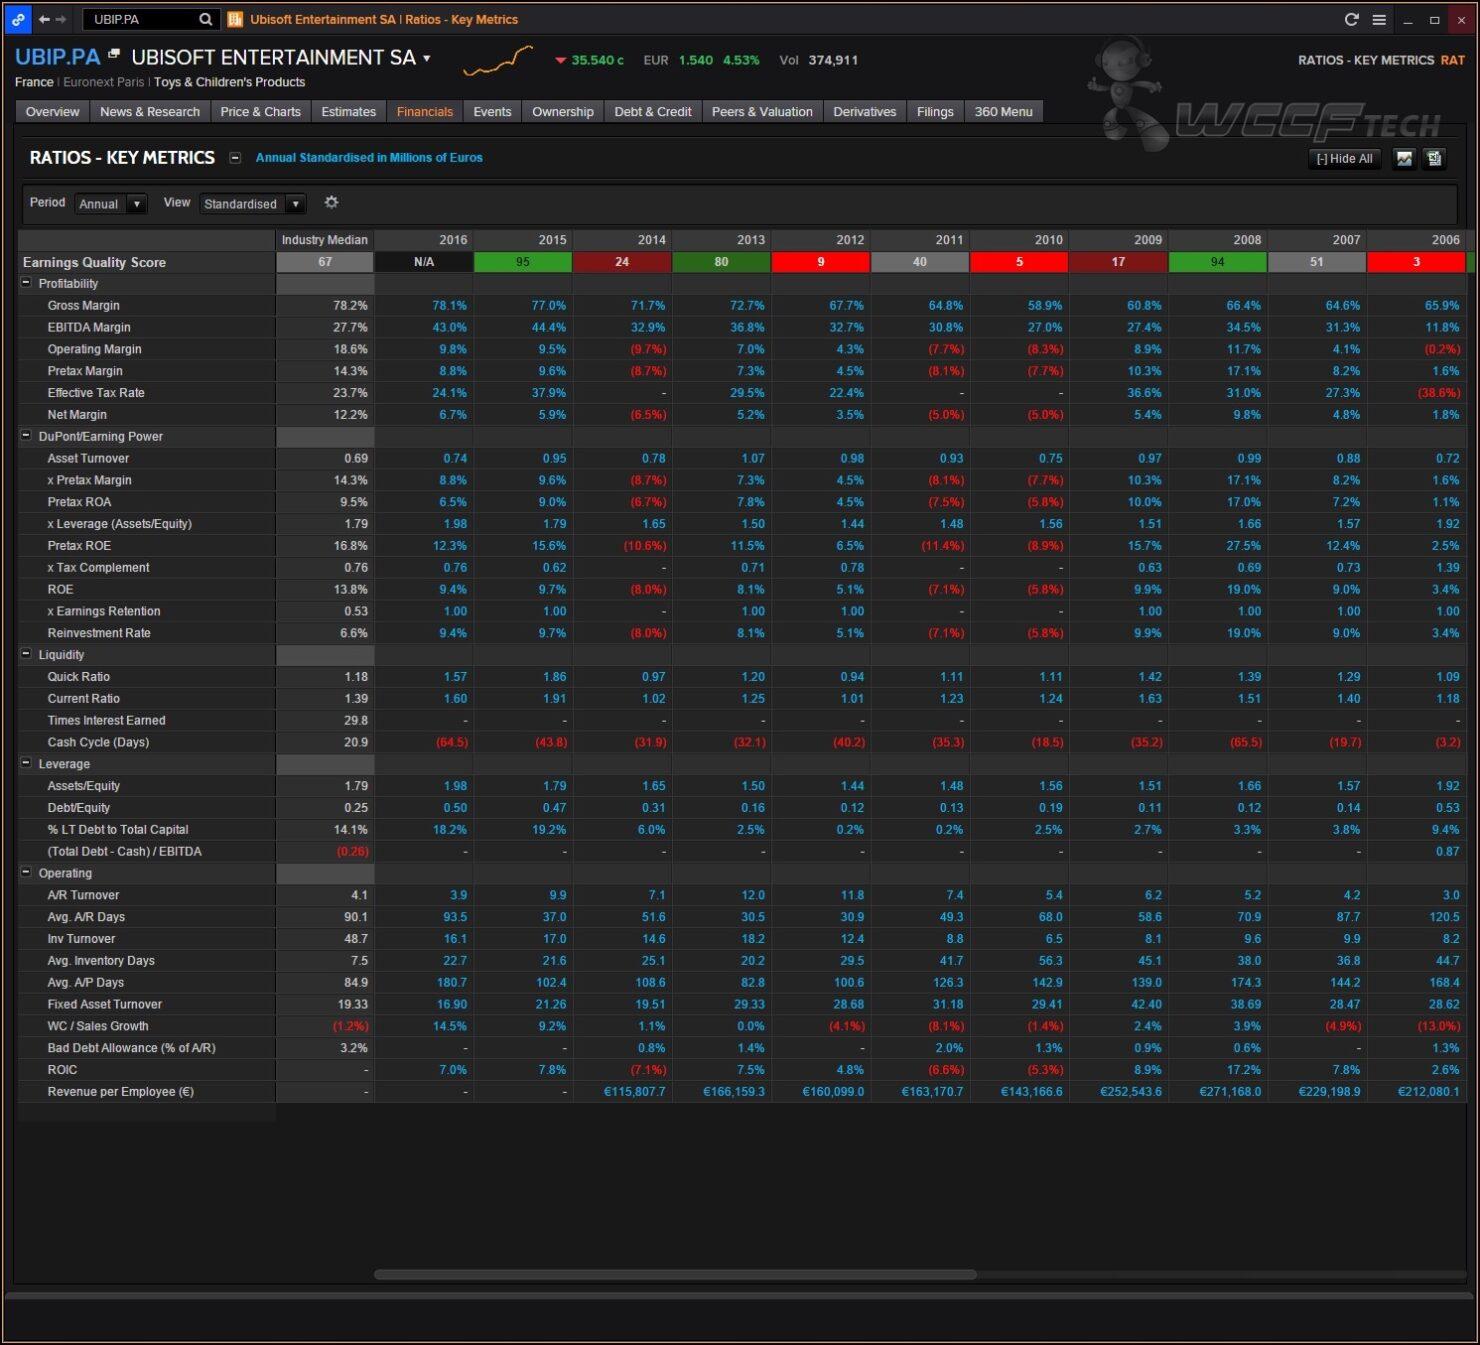 ubisoft-earnings-quality